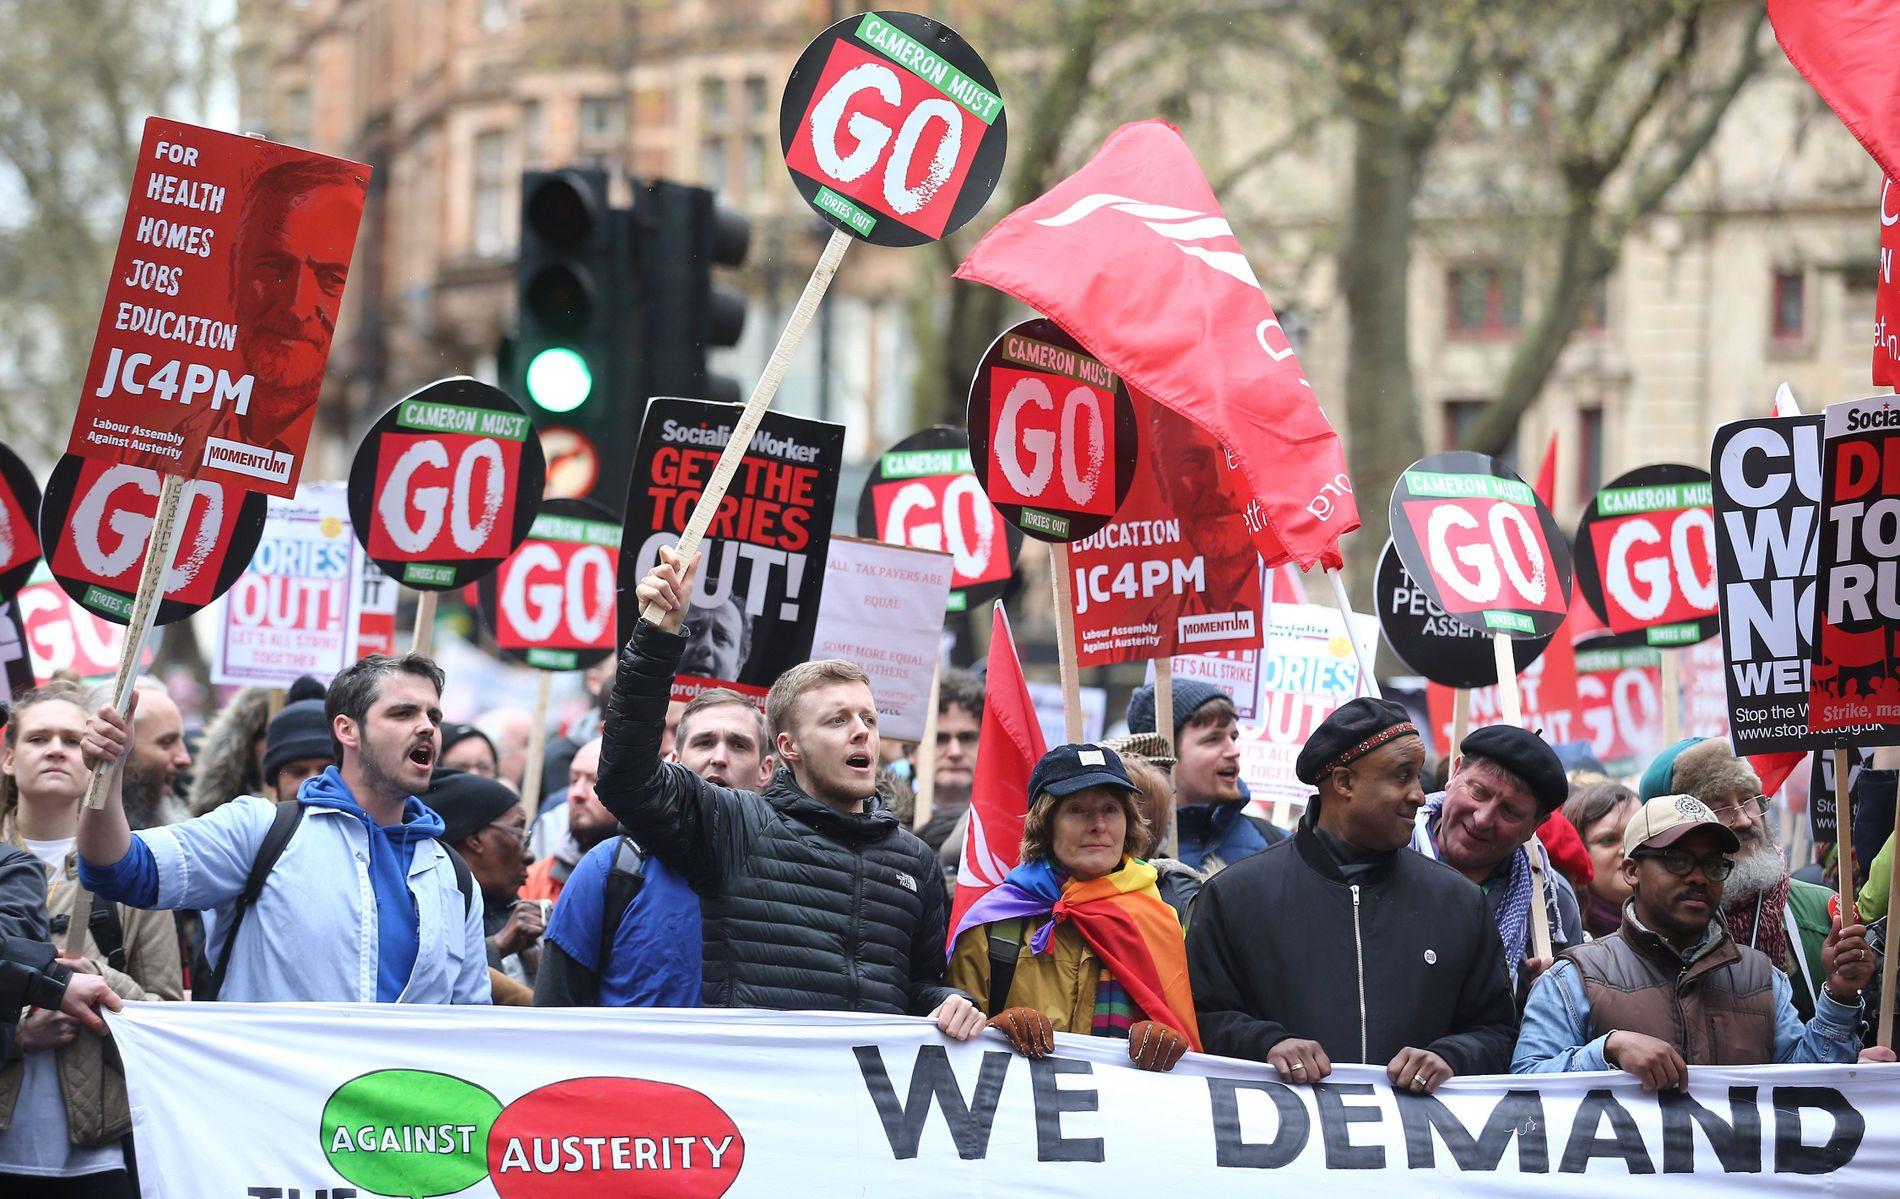 TITUSENVIS: Rapporter tyder på at flere titalls tusen mennesker marsjerte gjennom Londons gater, blant annet med kravene «Health, homes, jobs, education».